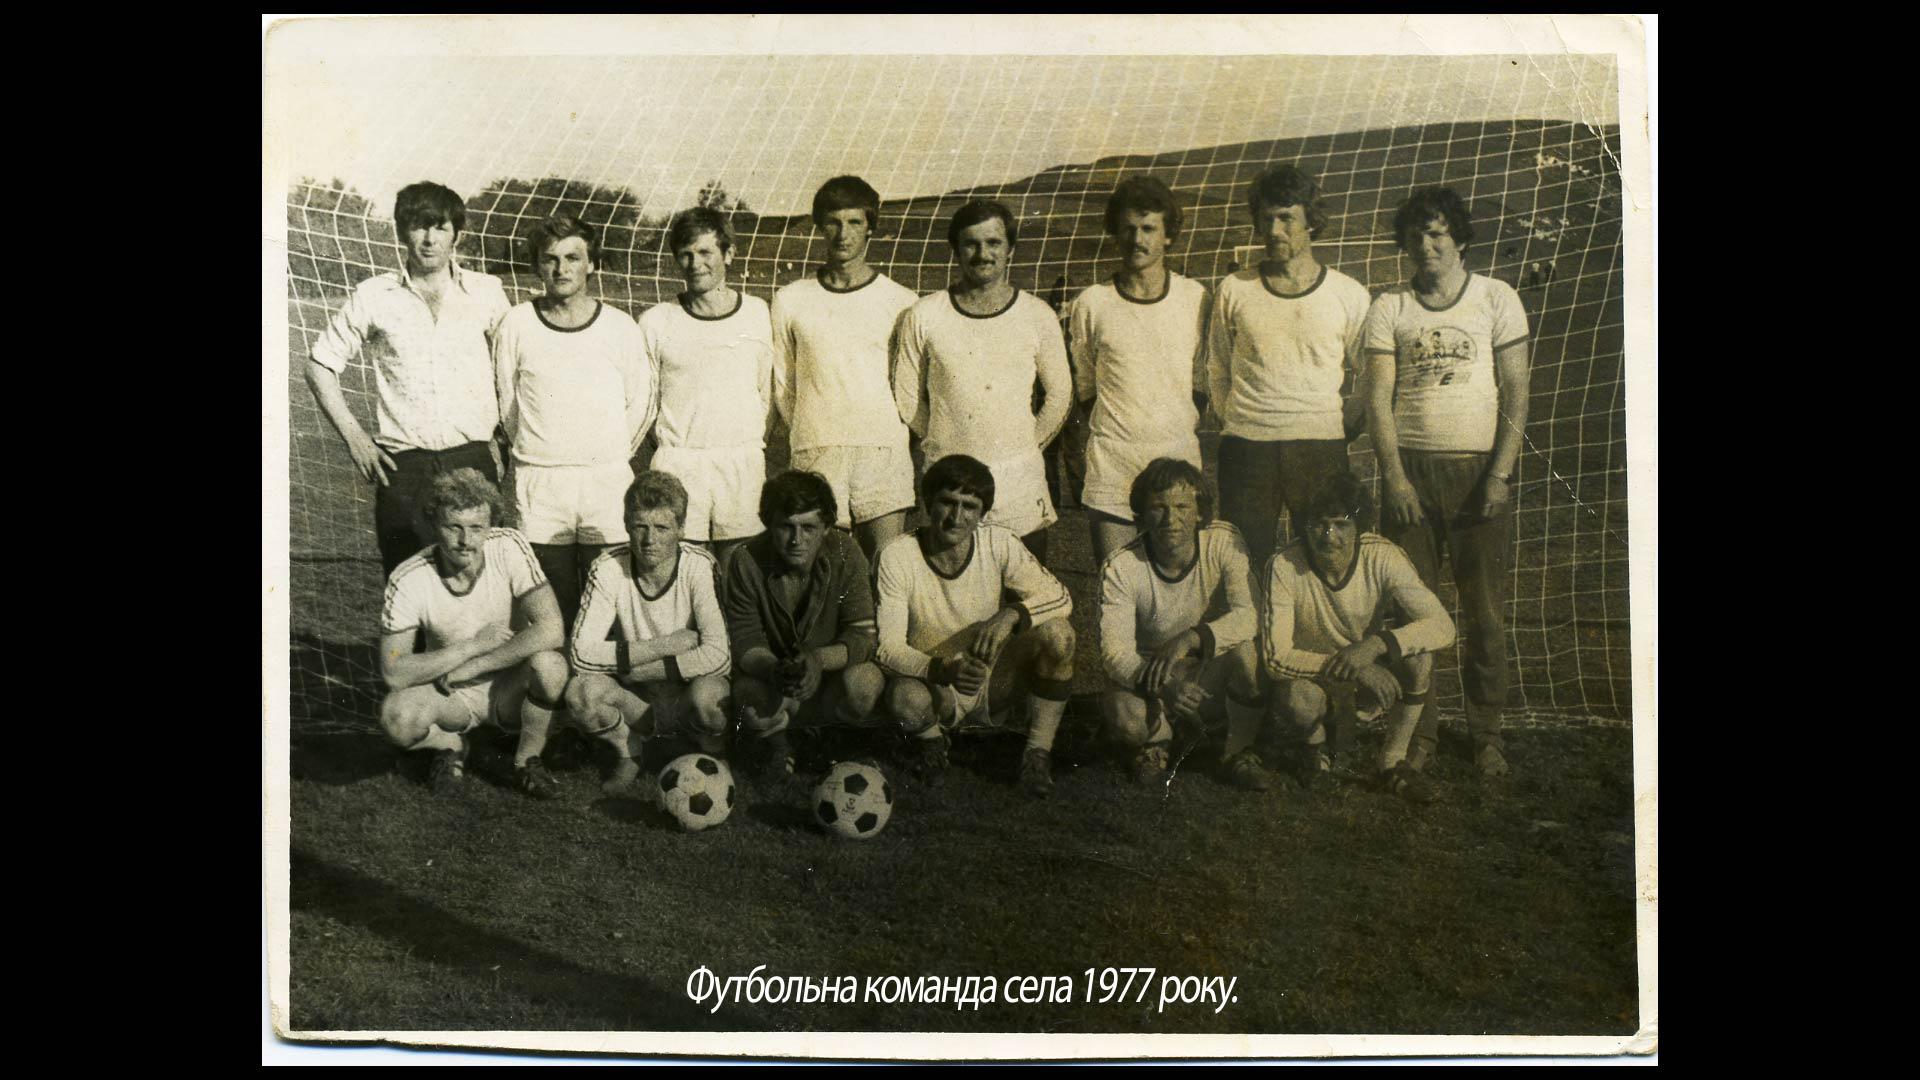 Футбольна команда села 1977 року.